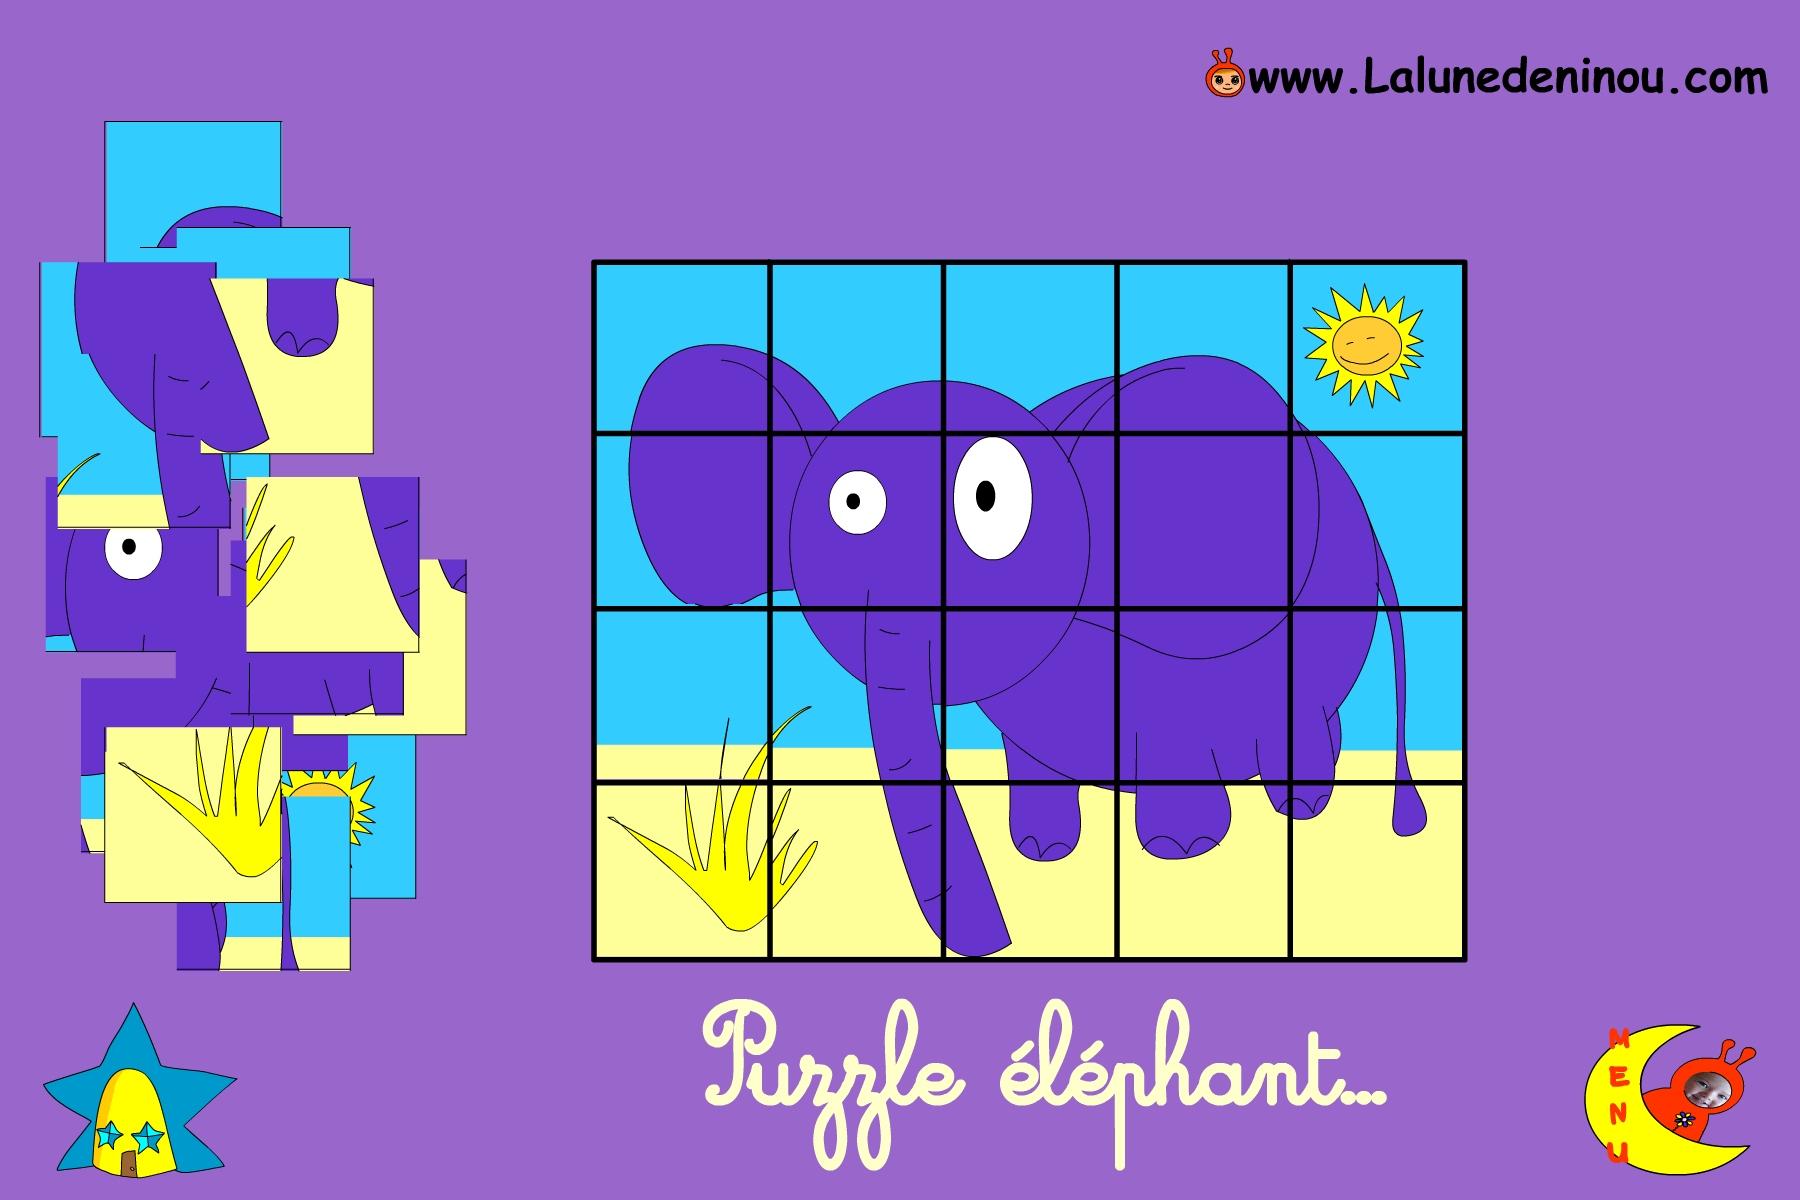 Puzzle En Ligne Pour Enfant De Maternelle - Lalunedeninou tout Jeux Educatif 4 Ans Gratuit En Ligne